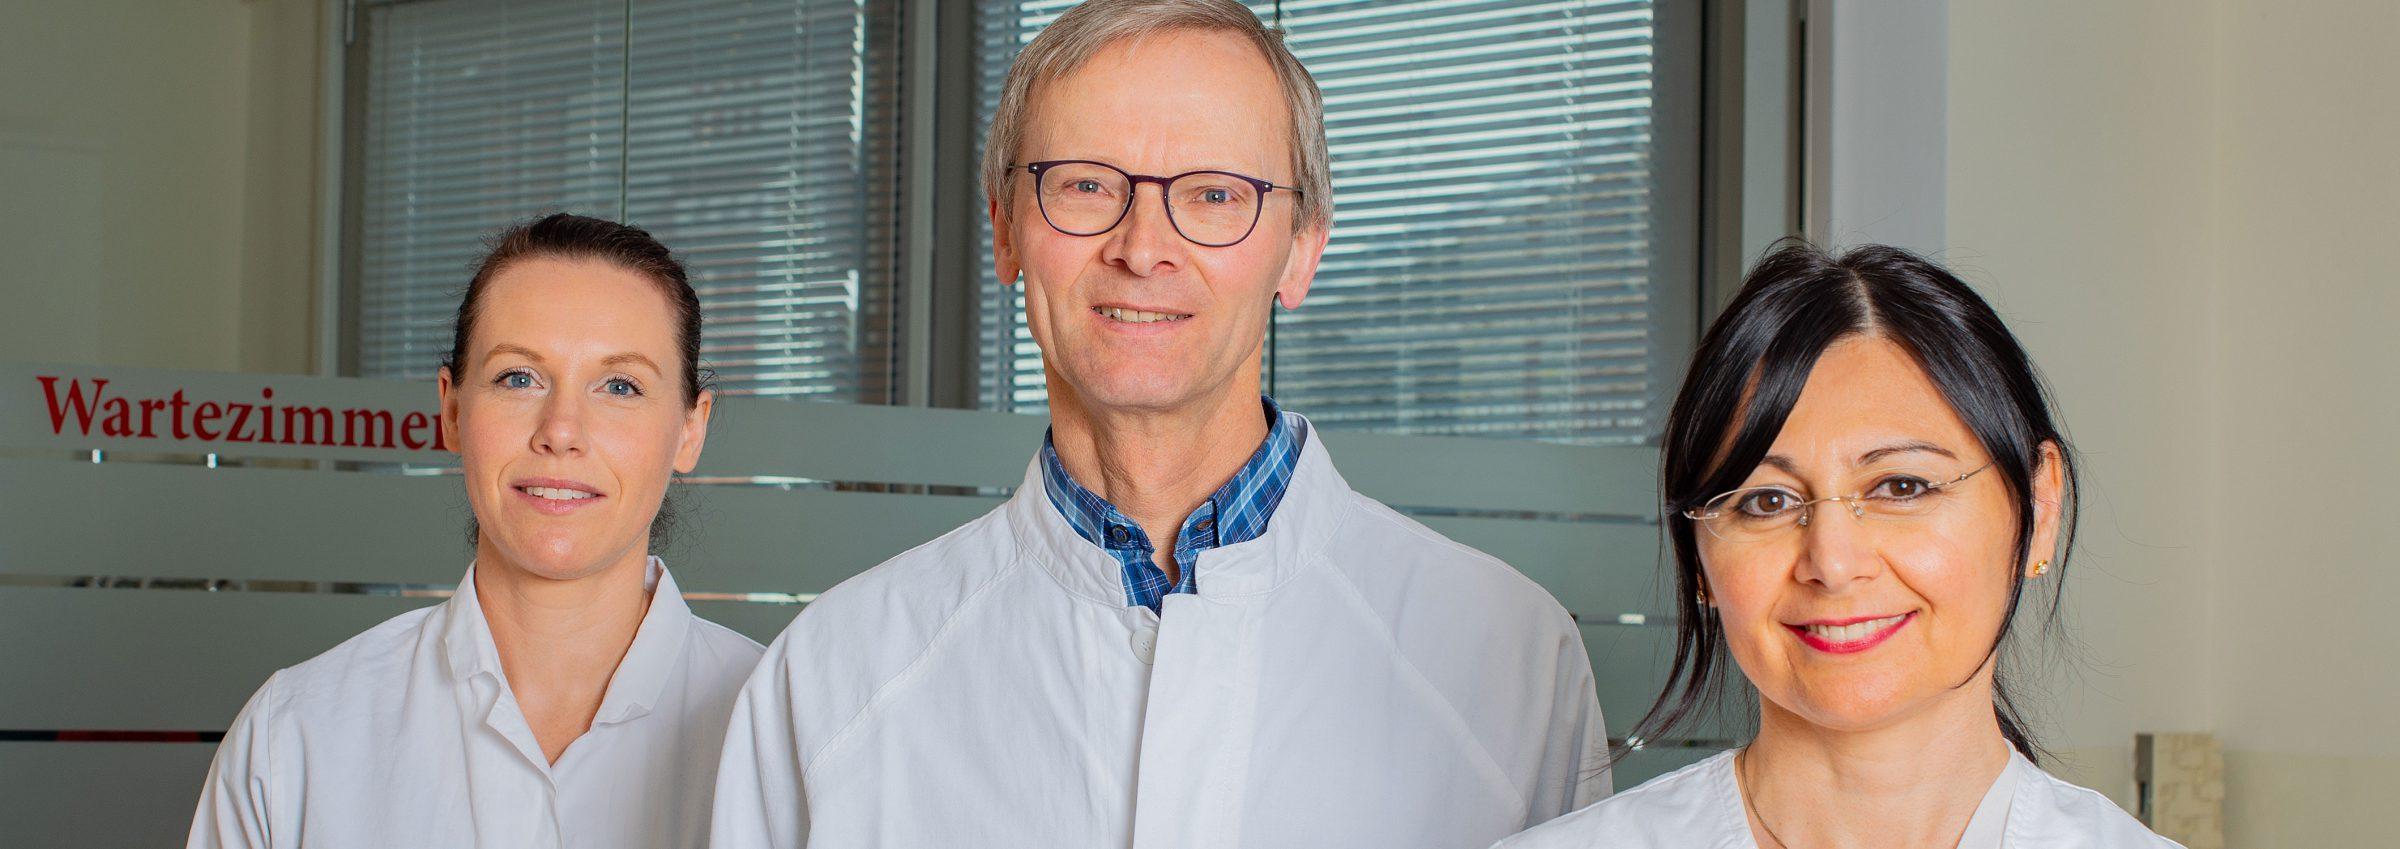 Arztzentrum Pinneberg - Dr. Gräfendorf - Dr. Loeck - Ärztin Dagny Kraas